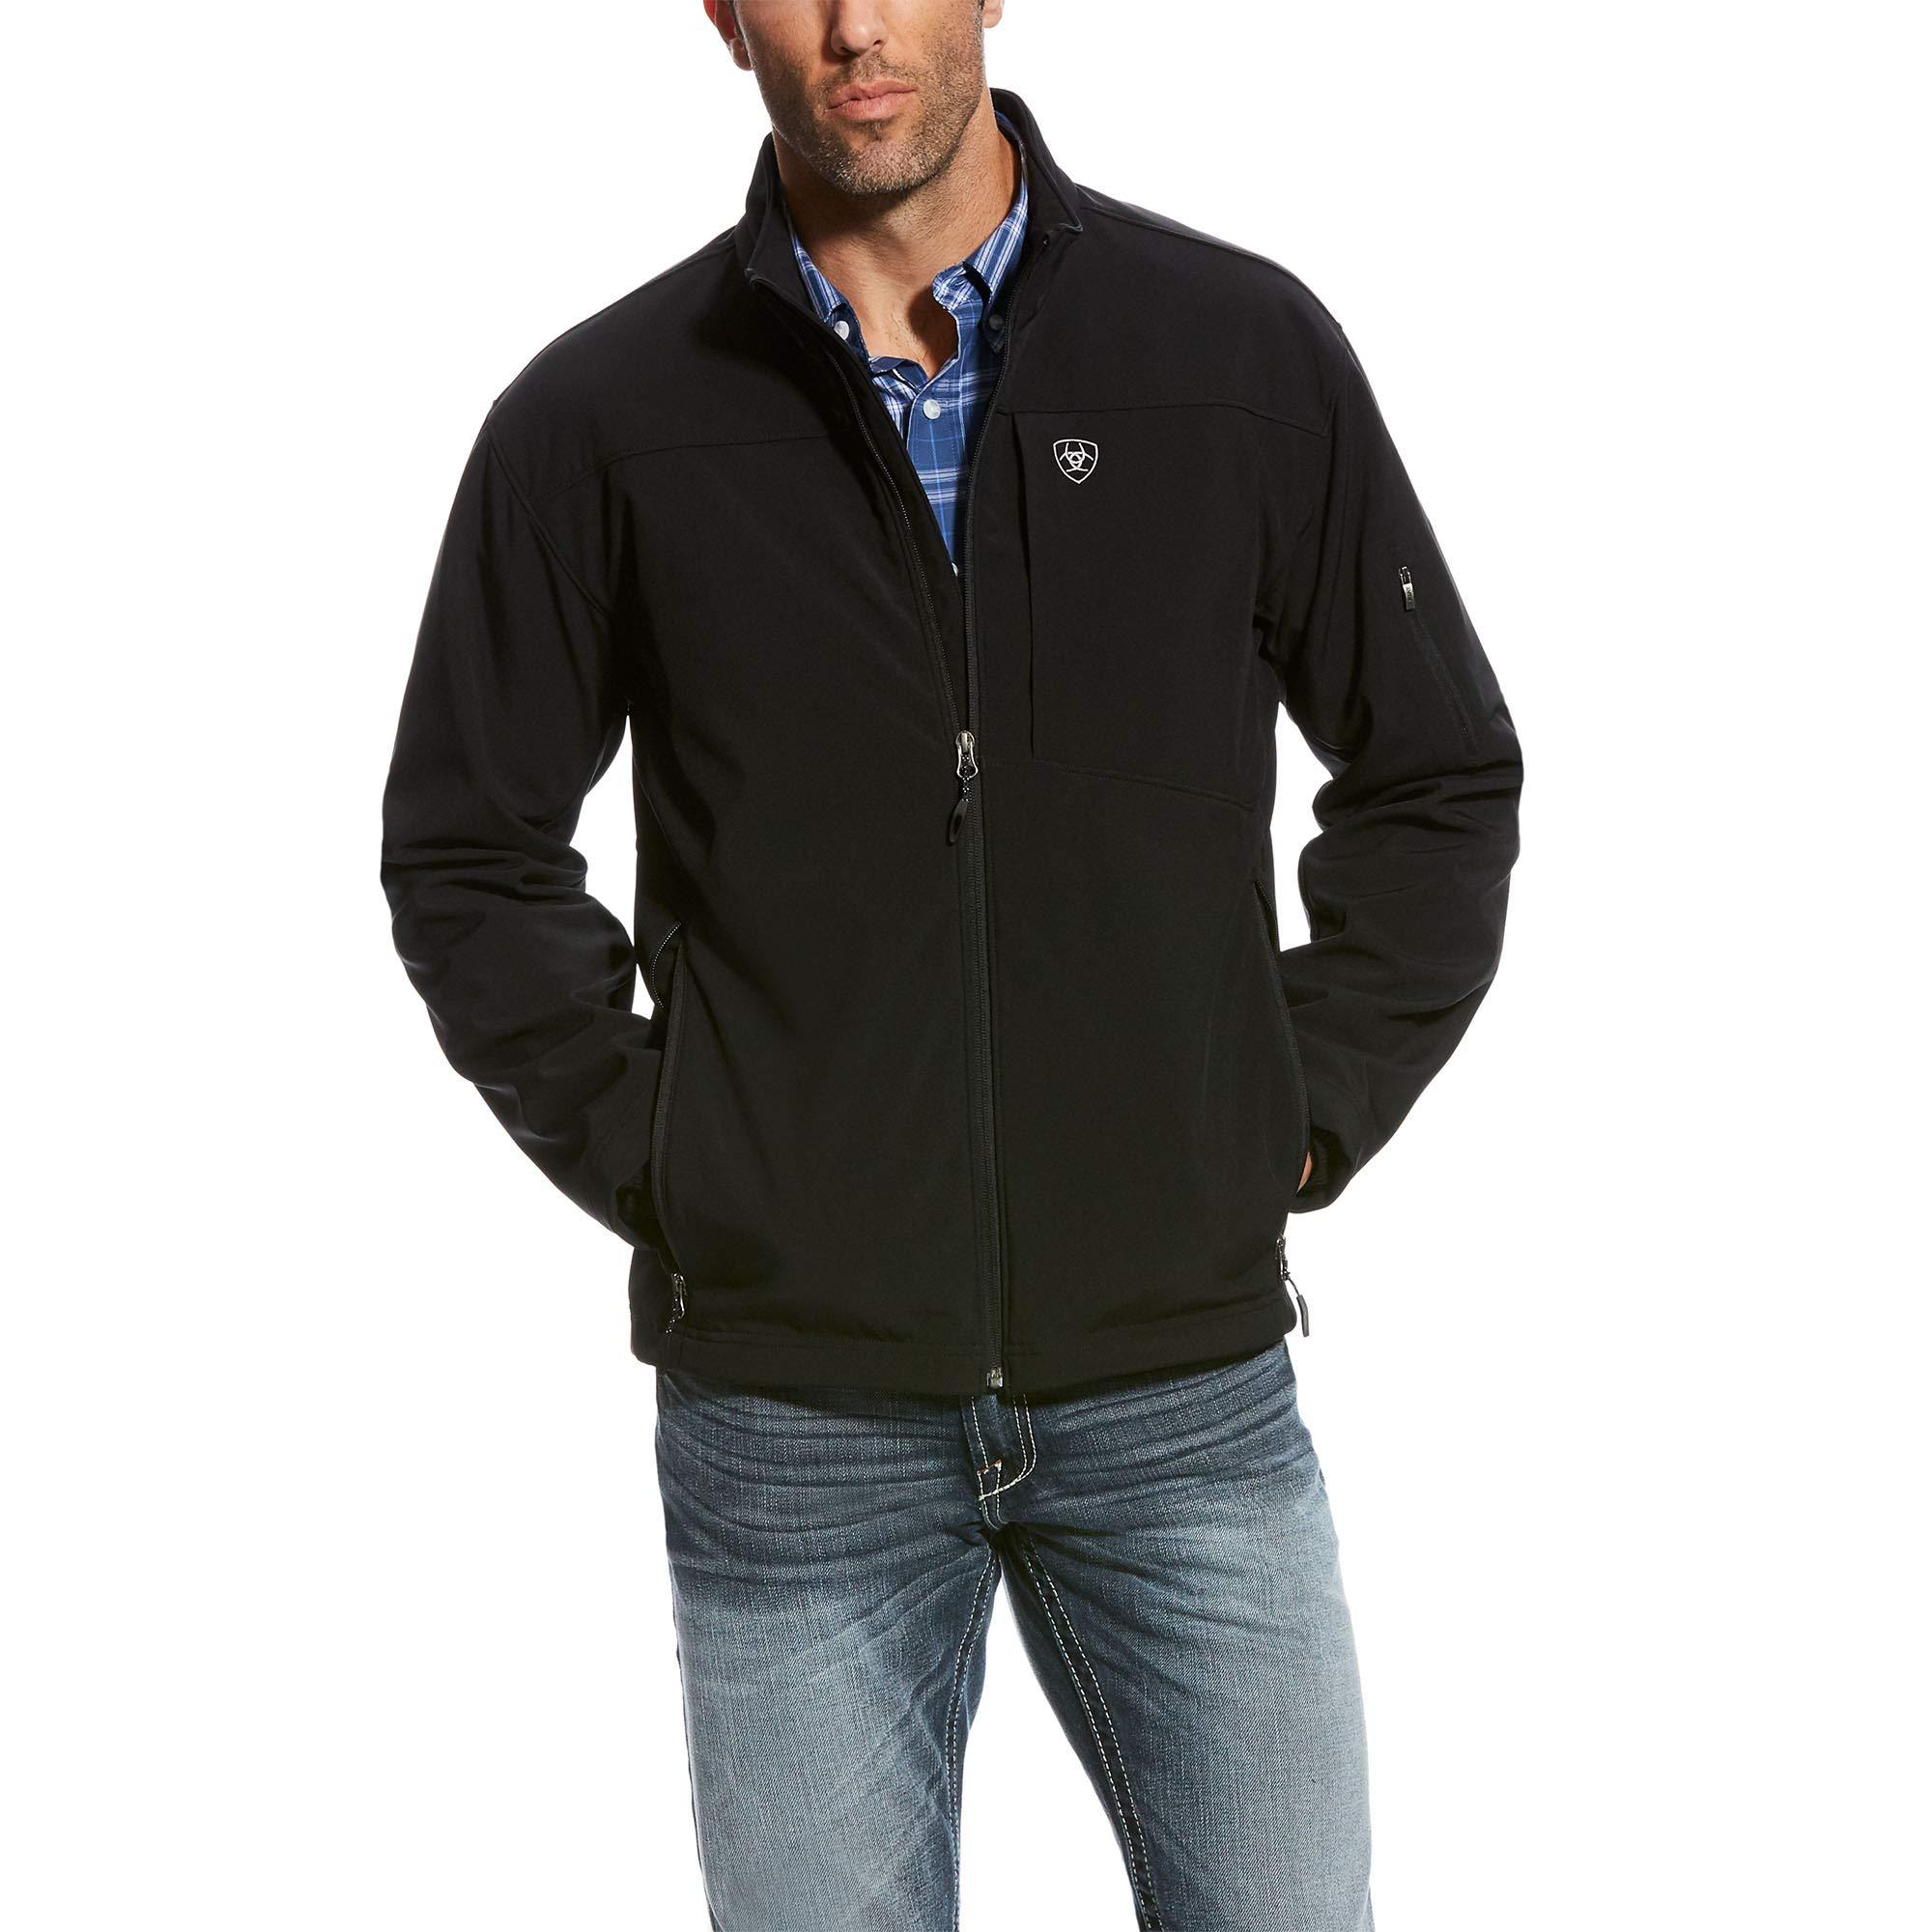 ARIAT Men's Vernon 2.0 Softshell Jacket, Black, XL by ARIAT